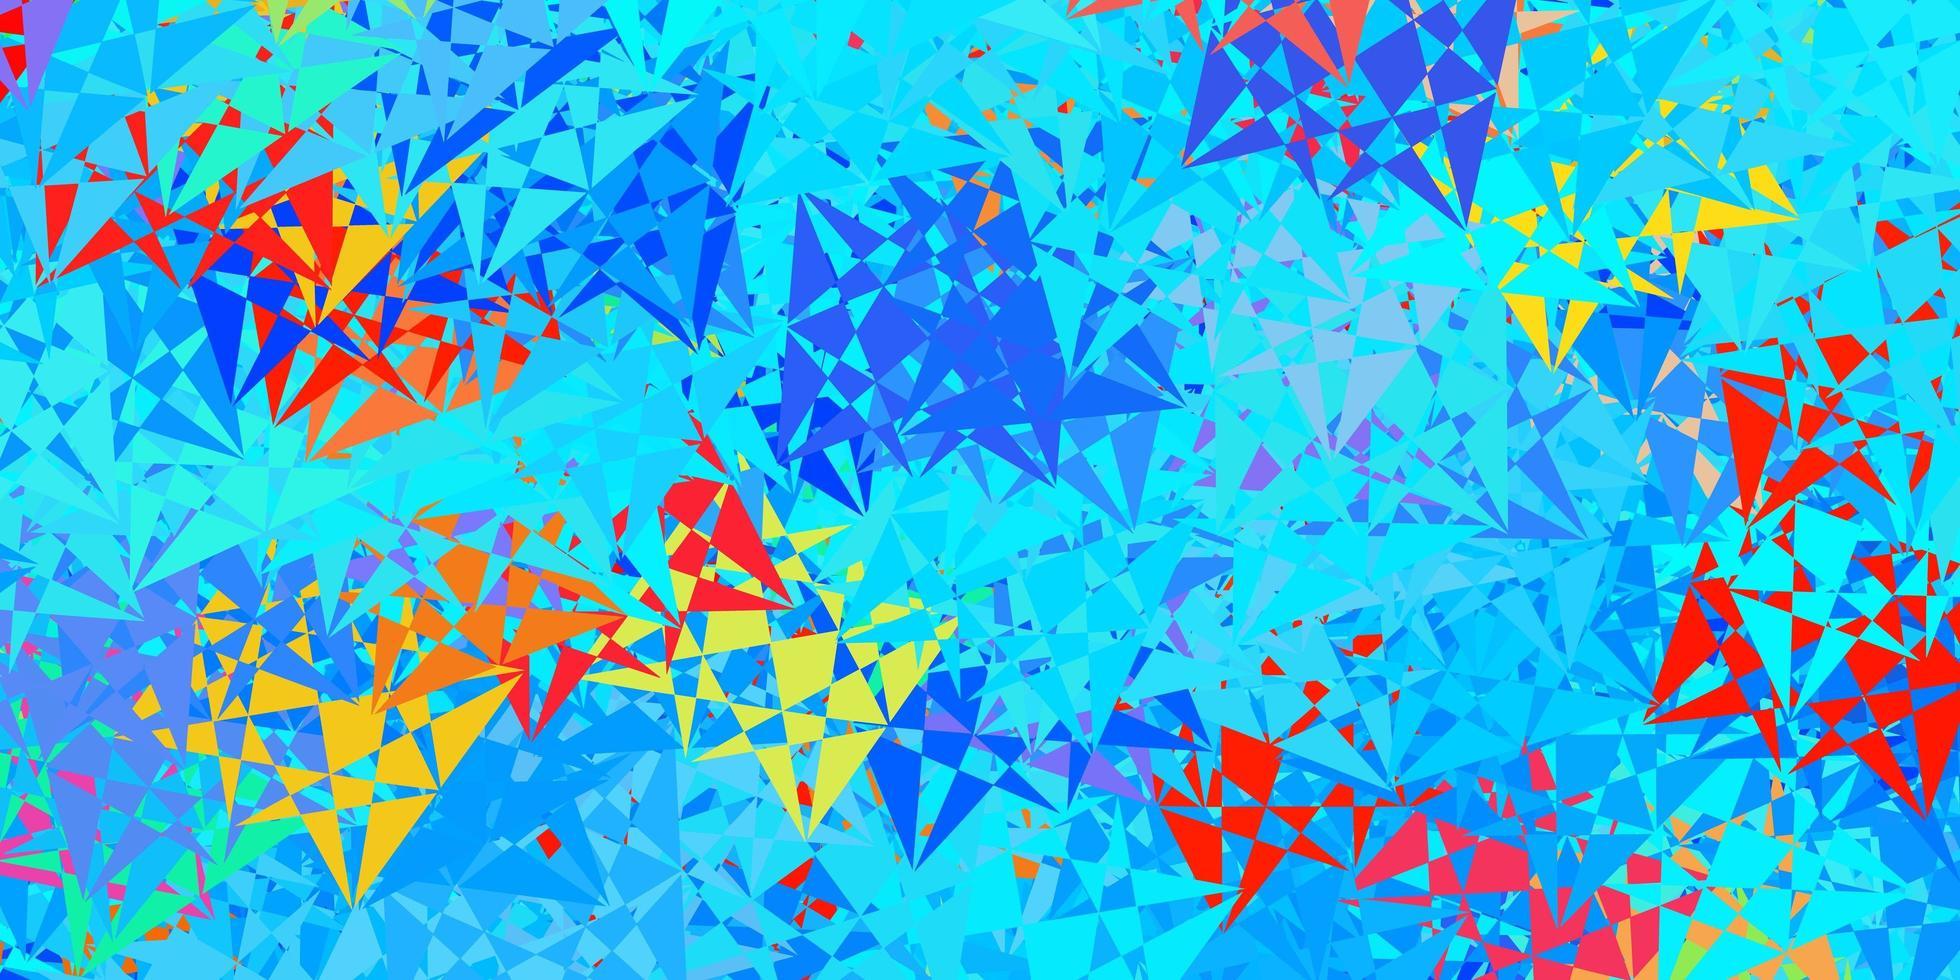 mise en page multicolore avec des formes triangulaires. vecteur